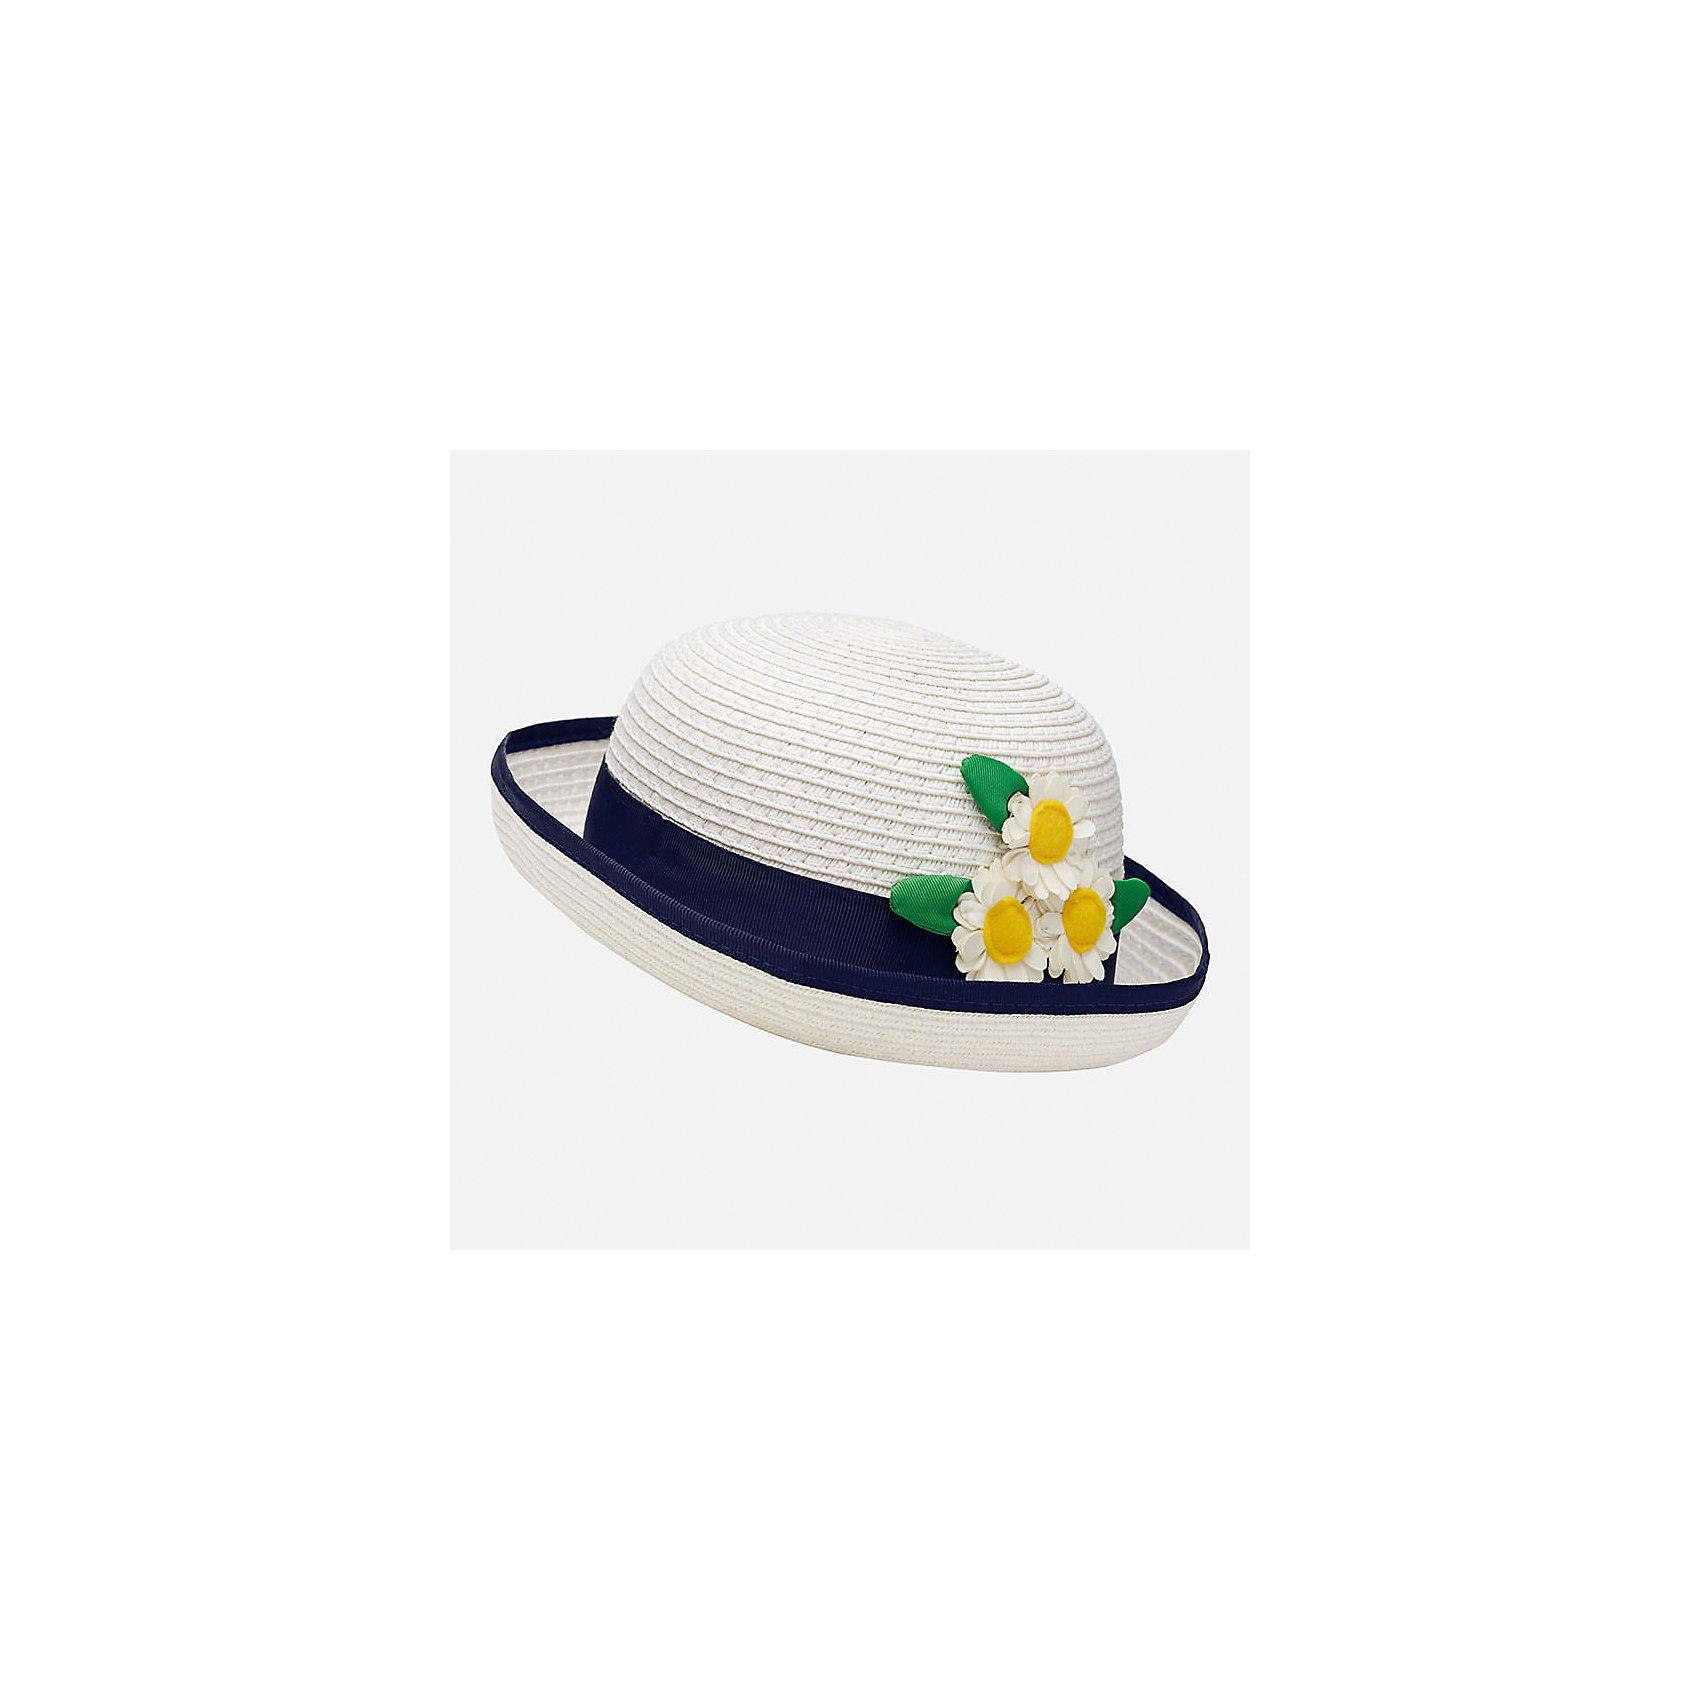 Шляпа для девочки MayoralХарактеристики товара:<br><br>• цвет: белый/синий<br>• состав: 100% бумага<br>• контрастная окантовка<br>• дышащая фактура<br>• декорирована лентой и текстильными цветами<br>• страна бренда: Испания<br><br>Красивая легкая шляпа для девочки поможет обеспечить ребенку защиту от солнца и дополнить наряд. Универсальный цвет позволяет надевать её под наряды различных расцветок. Шляпа удобно сидит и красиво смотрится. <br><br>Одежда, обувь и аксессуары от испанского бренда Mayoral полюбились детям и взрослым по всему миру. Модели этой марки - стильные и удобные. Для их производства используются только безопасные, качественные материалы и фурнитура. Порадуйте ребенка модными и красивыми вещами от Mayoral! <br><br>Шляпу для девочки от испанского бренда Mayoral (Майорал) можно купить в нашем интернет-магазине.<br><br>Ширина мм: 89<br>Глубина мм: 117<br>Высота мм: 44<br>Вес г: 155<br>Цвет: белый<br>Возраст от месяцев: 24<br>Возраст до месяцев: 36<br>Пол: Женский<br>Возраст: Детский<br>Размер: 48,50<br>SKU: 5293403